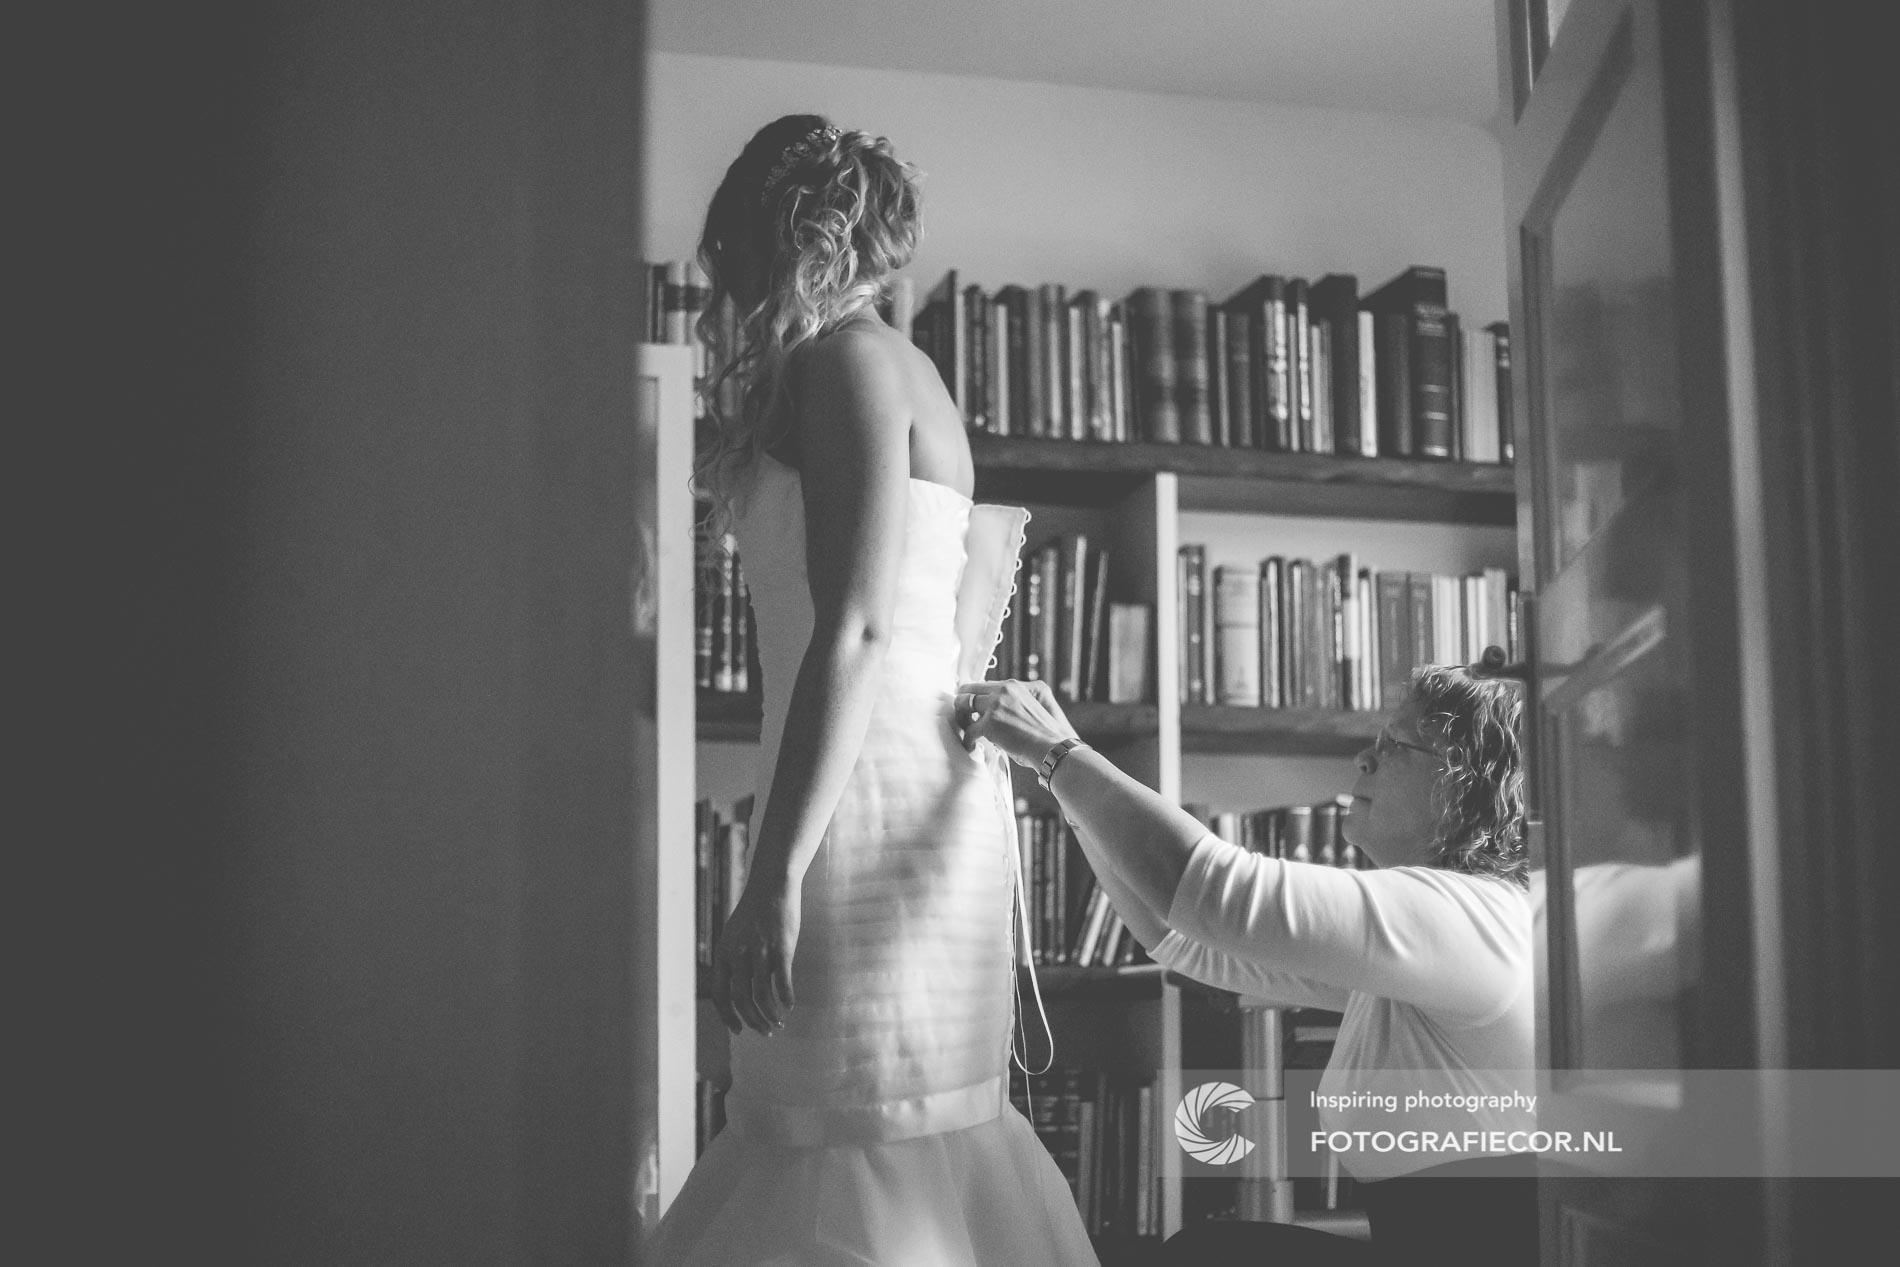 Trouwfotograaf | bruidsfotografie aankleden bruid voor huwelijk | bruidsfotograaf Kampen Zwolle Emmeloord | fotografie voor het mooiste moment